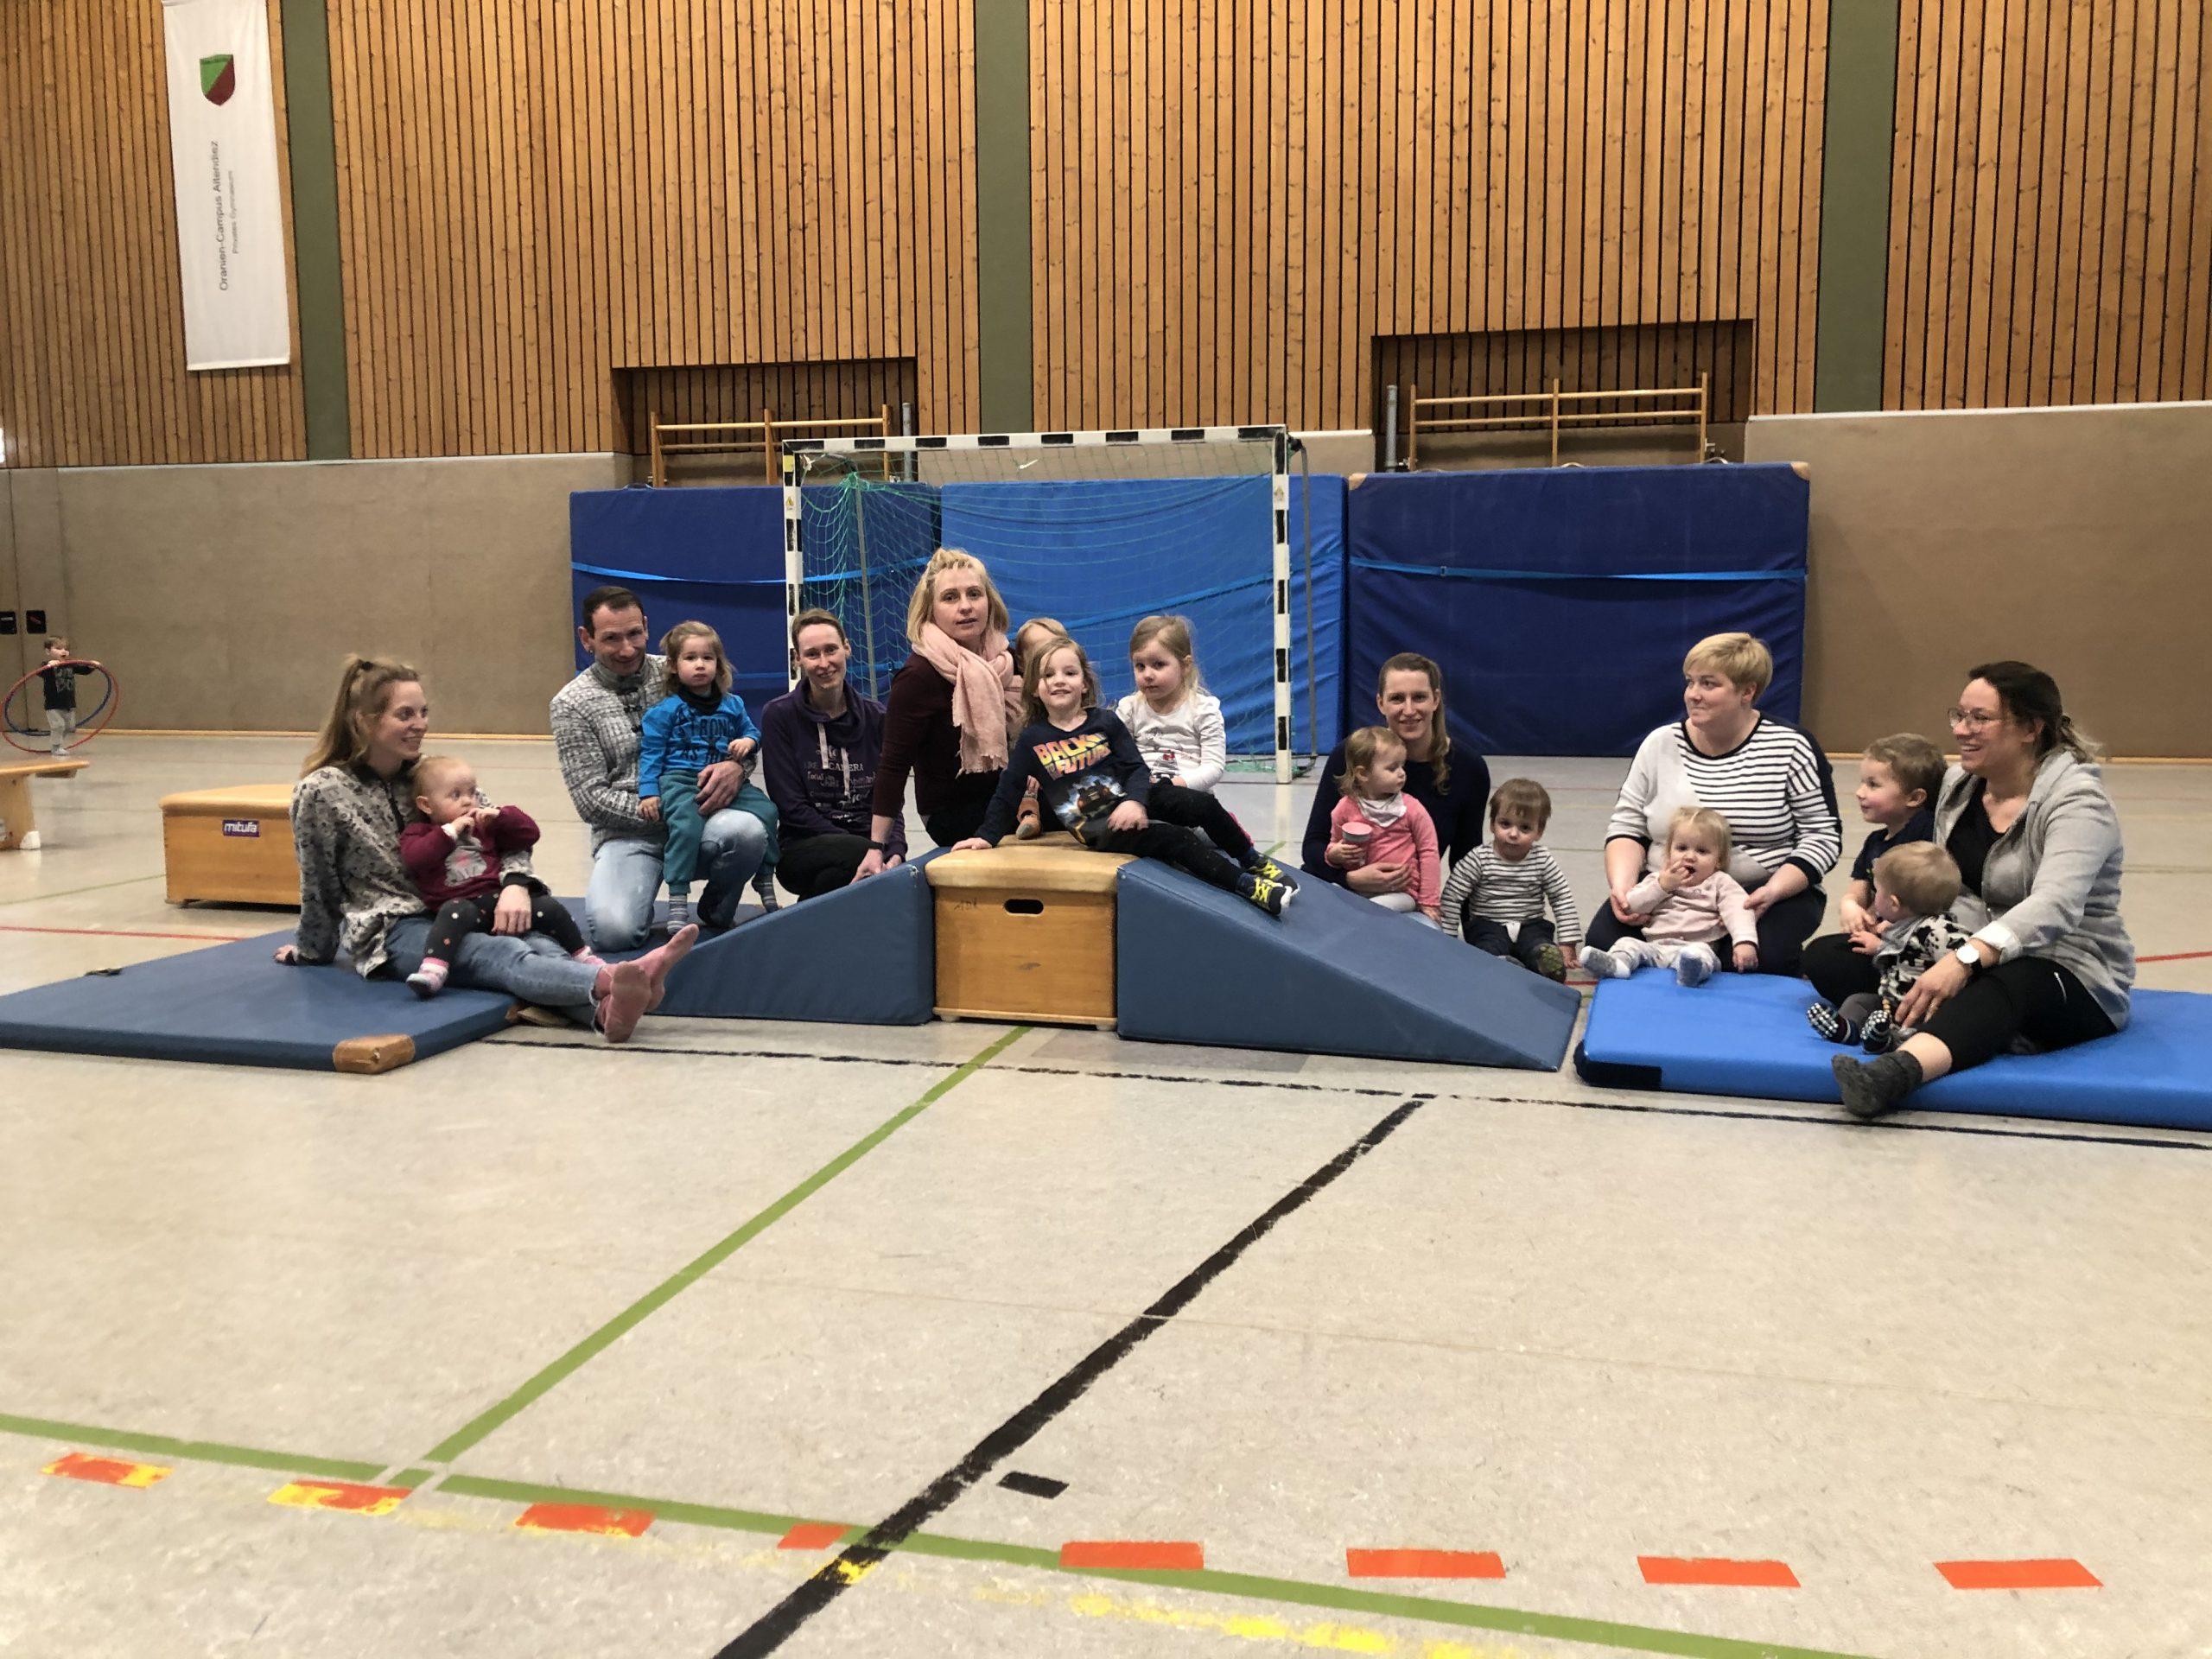 Eltern-Kind-Turngruppe auf einer aufgebauten Gerätelandschaft